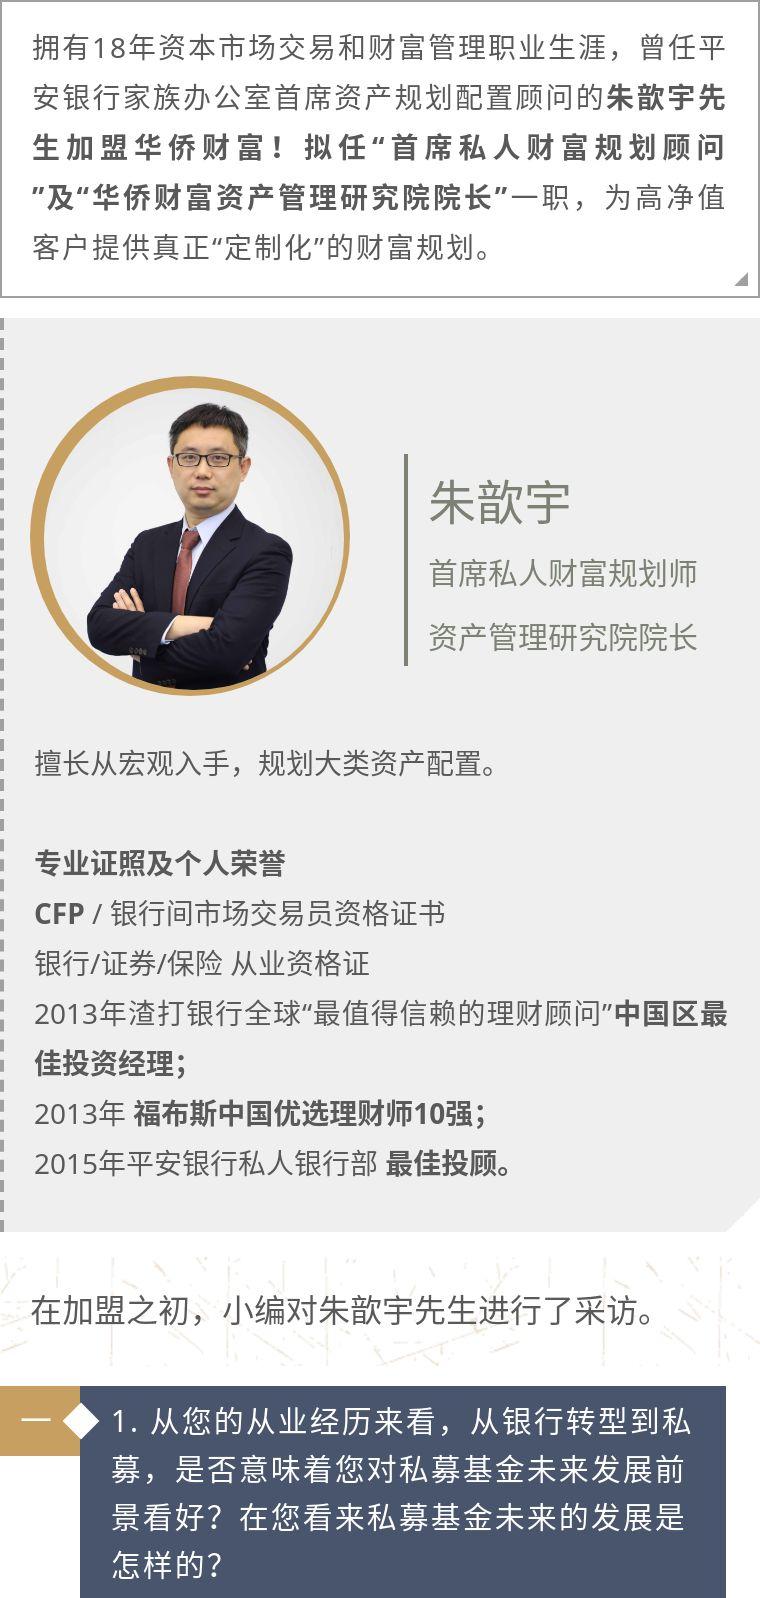 福布斯中国理财师10强朱歆宇加盟 拟任华侨财富资产管理研究院院长